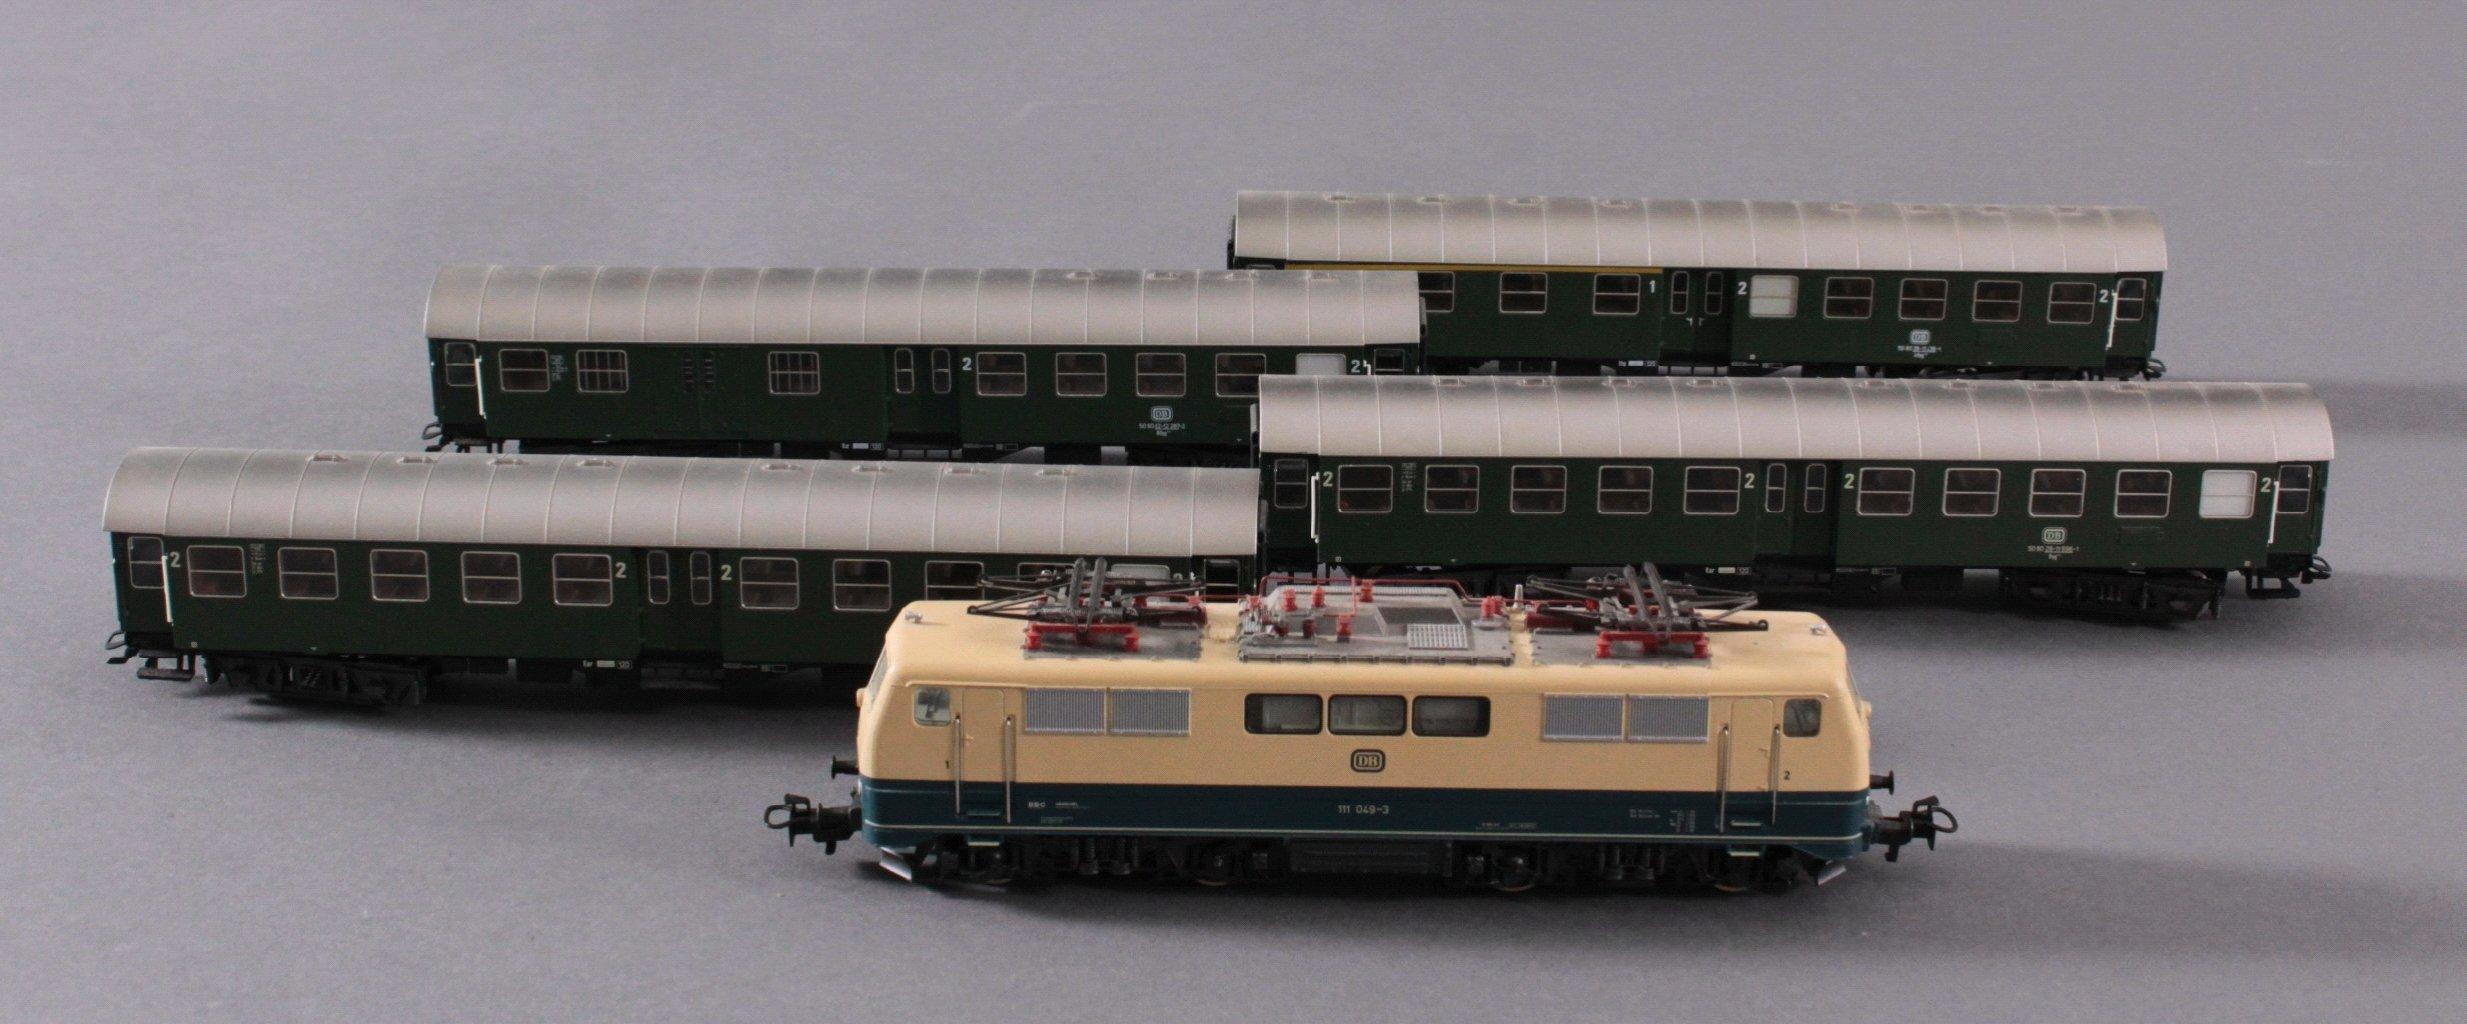 Märklin H0 3642 E-Lok Baureihe 111 049-3 DB in beige mit